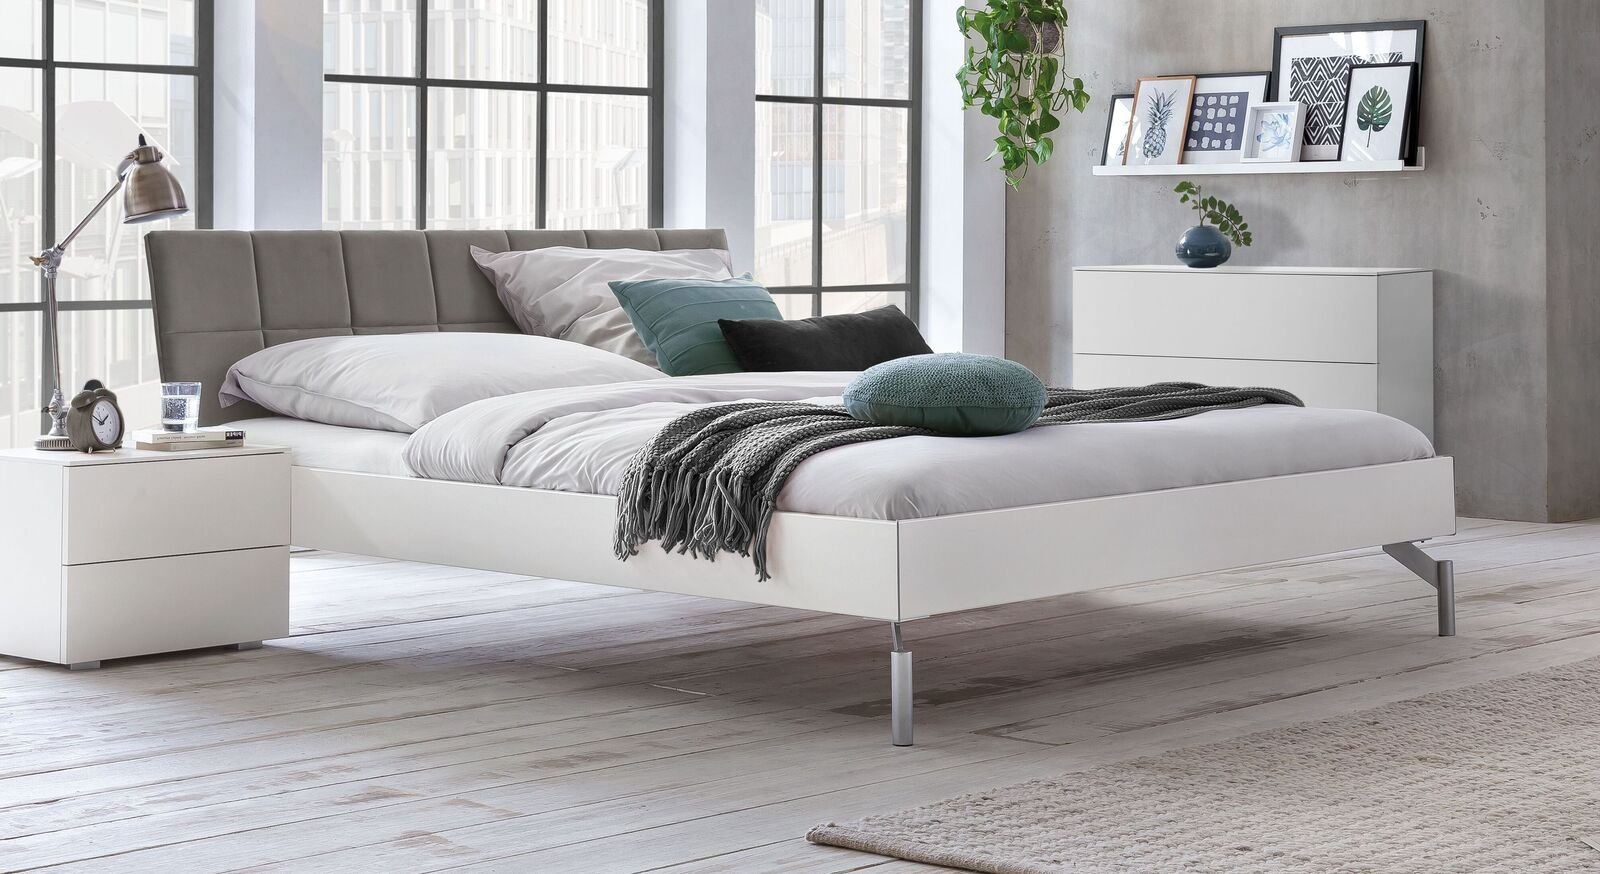 Bett Akuma mit grauem Samt-Kopfteil